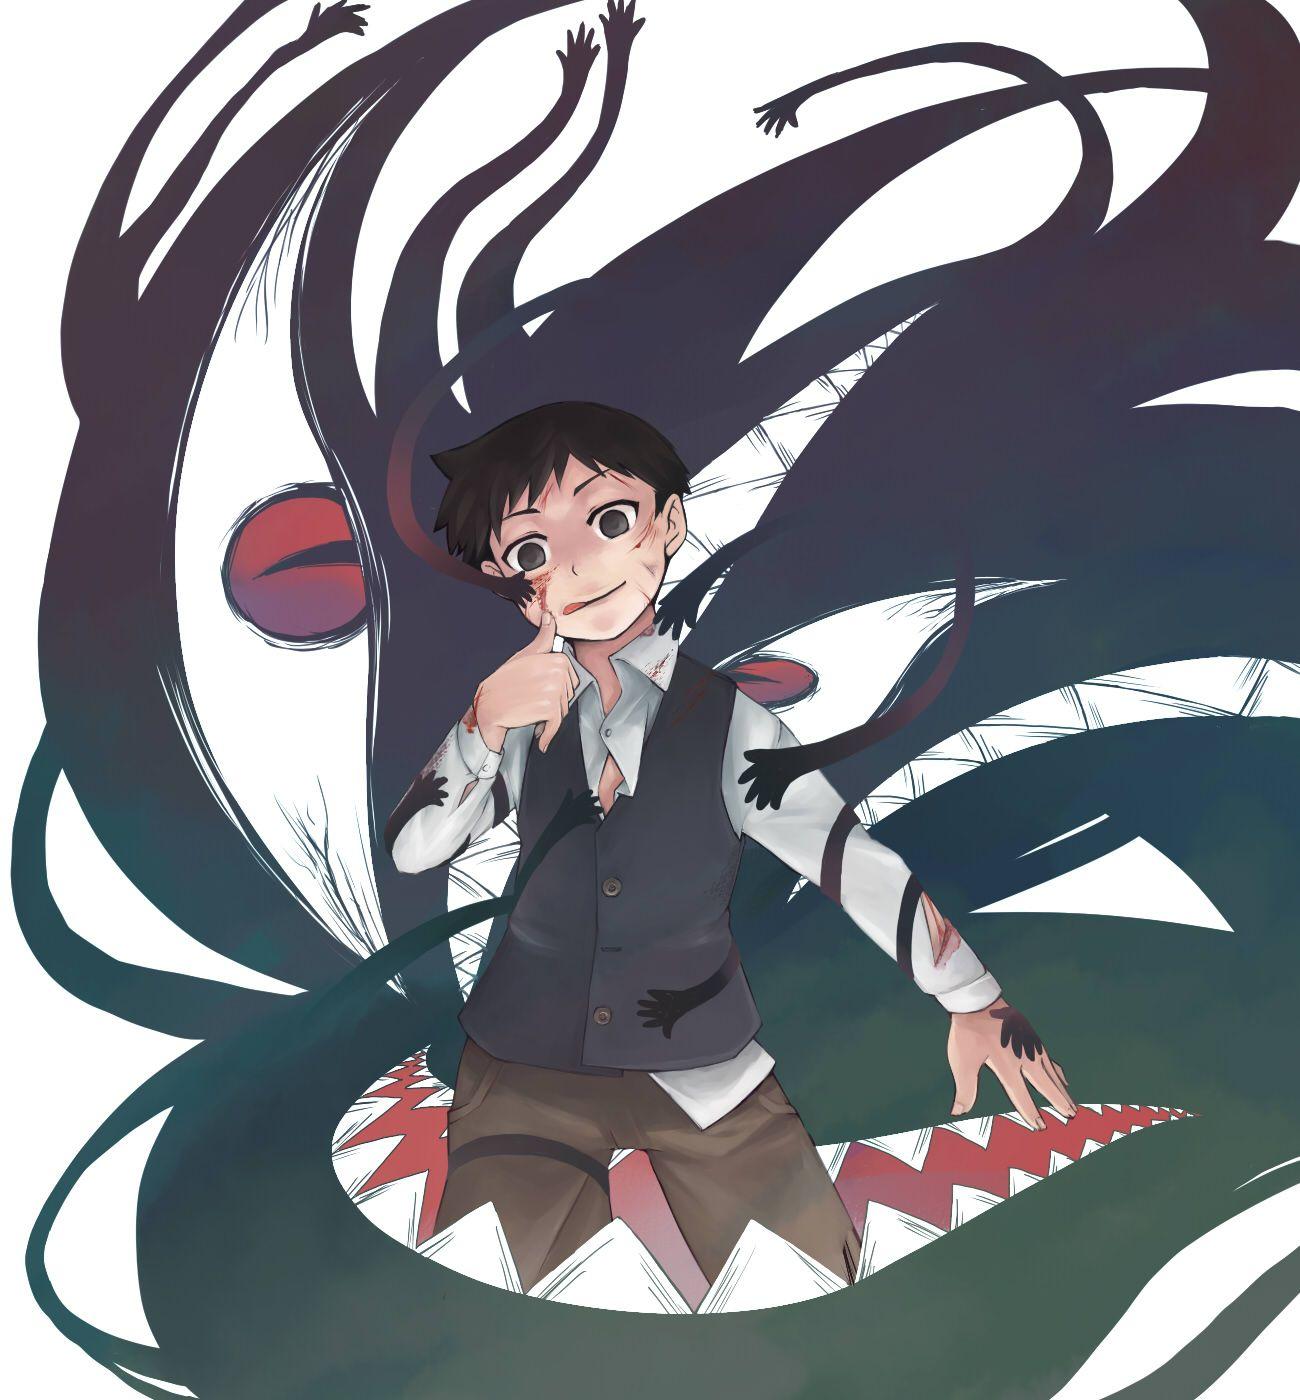 Pride Fma 624684 Fullsize Image 1300x1400 Fullmetal Alchemist Brotherhood Fullmetal Alchemist Anime